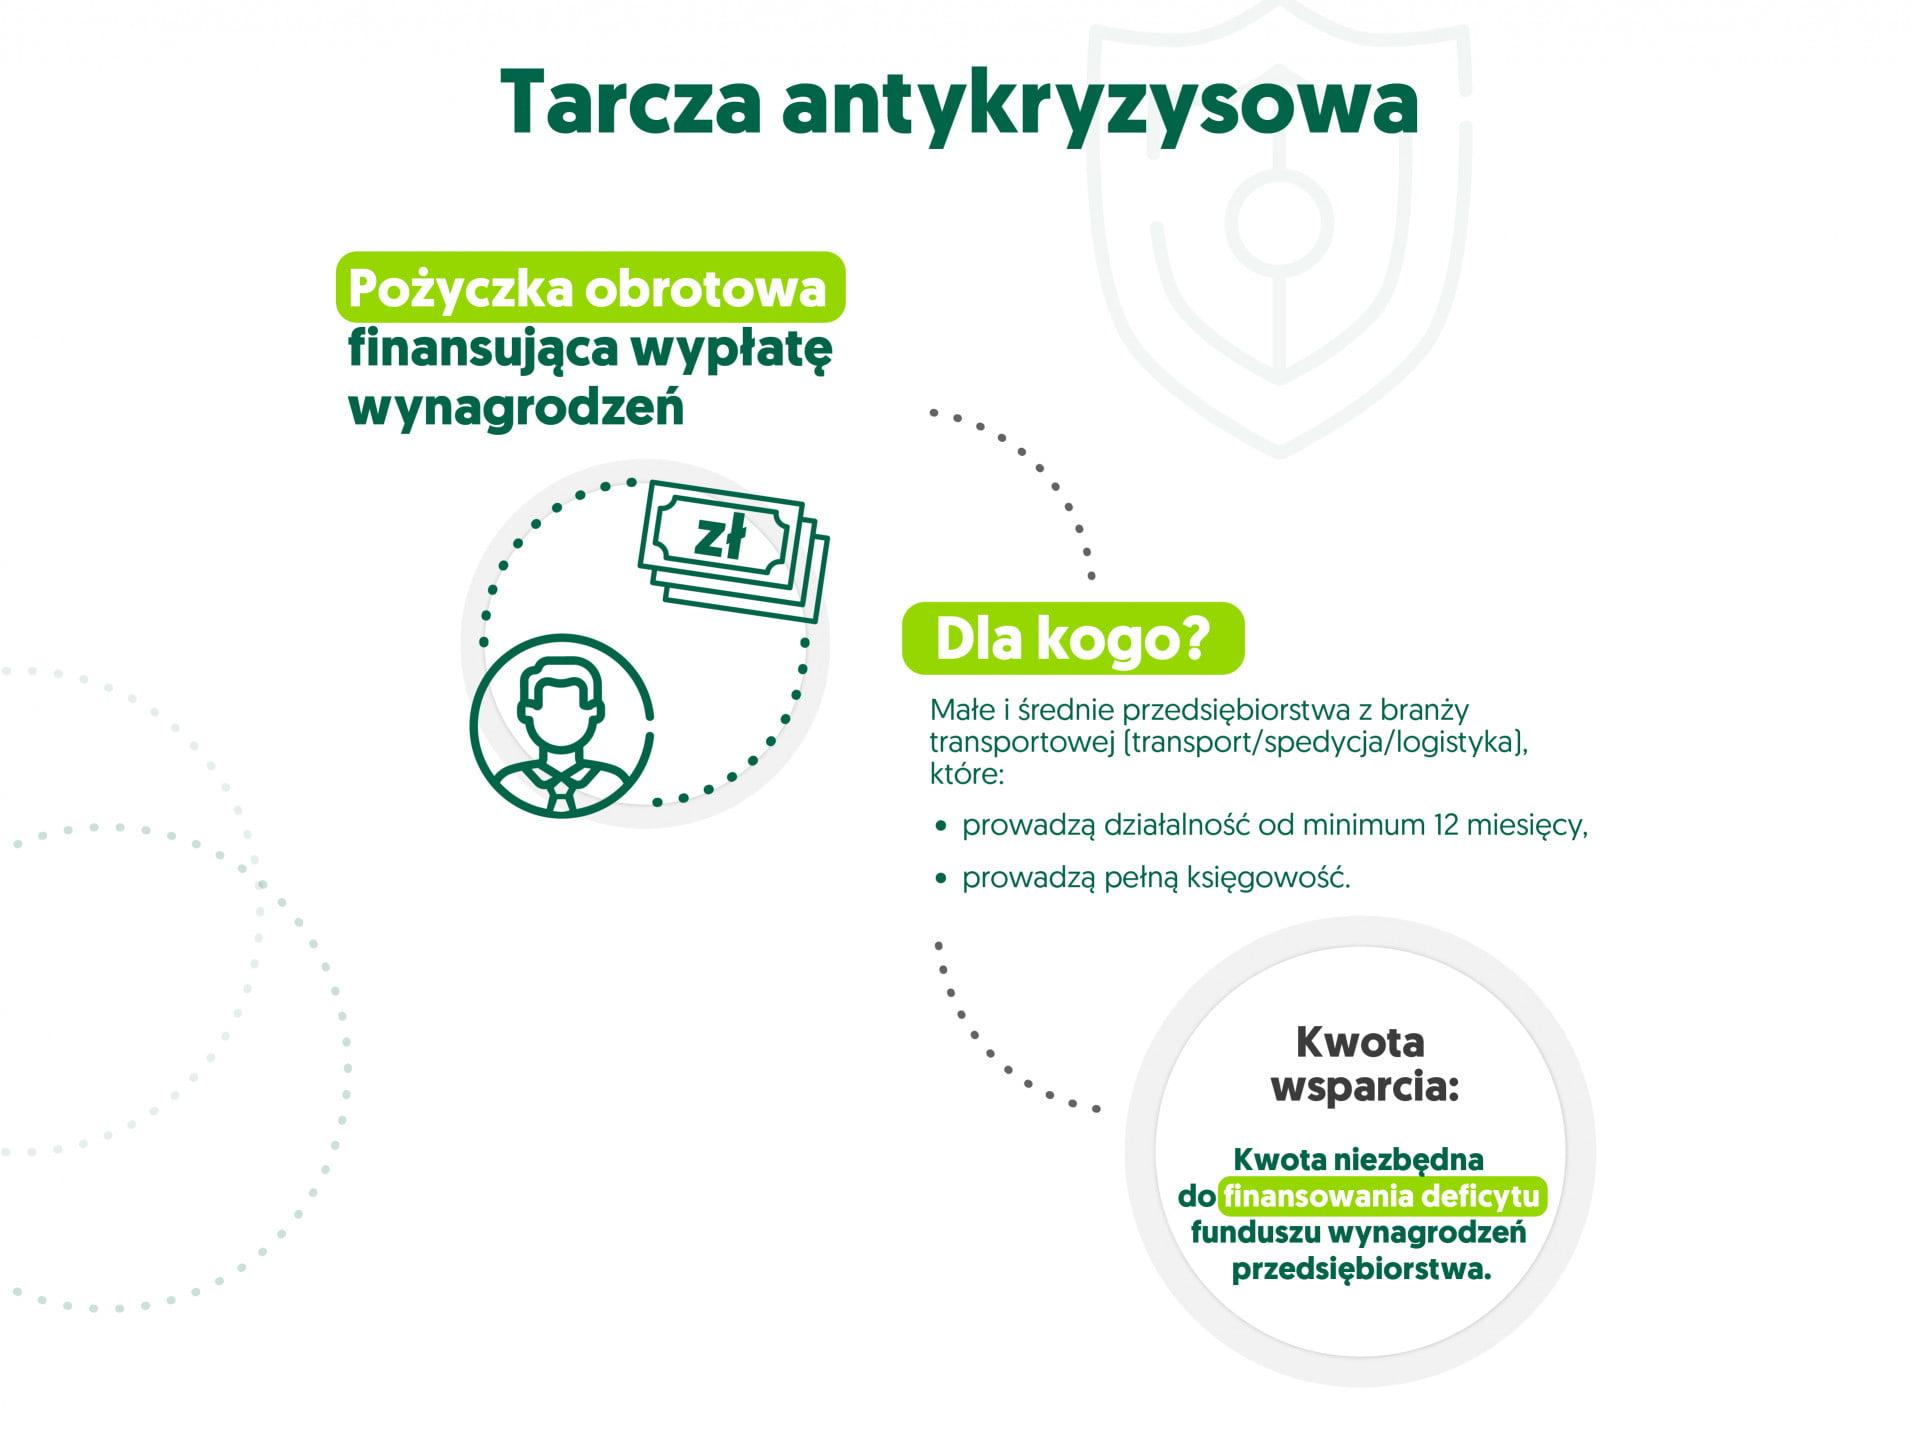 infografika tarcza antykryzysowa - pożyczka obrotowa finansująca wypłatę wynagrodzeń